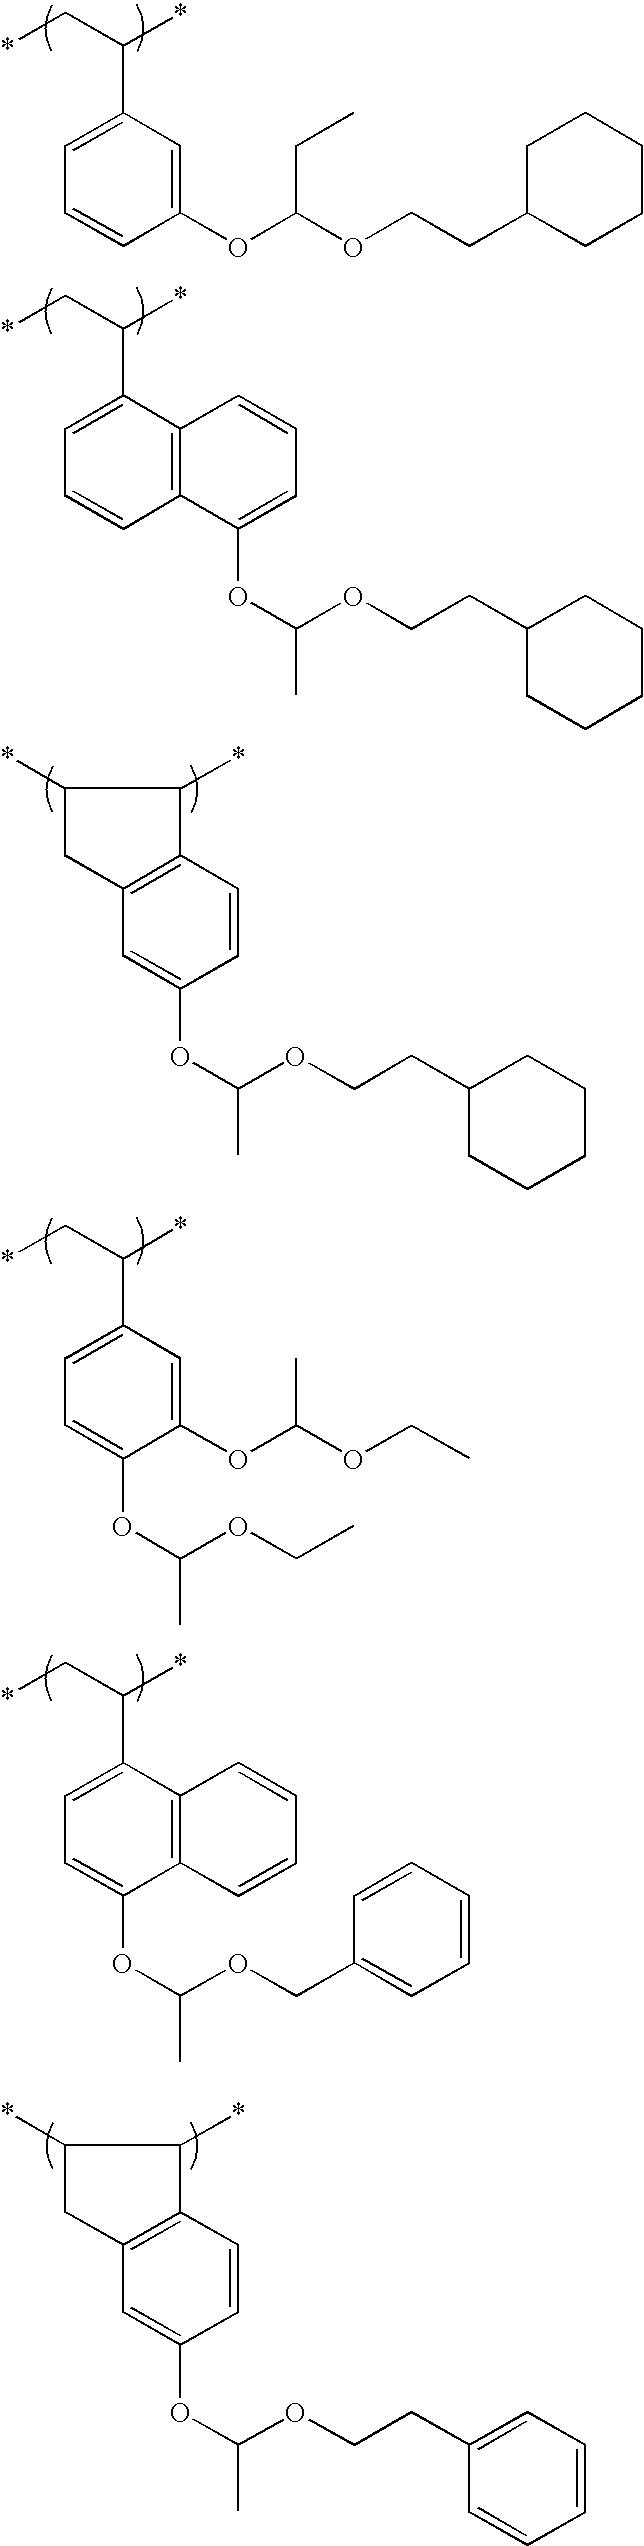 Figure US08852845-20141007-C00098